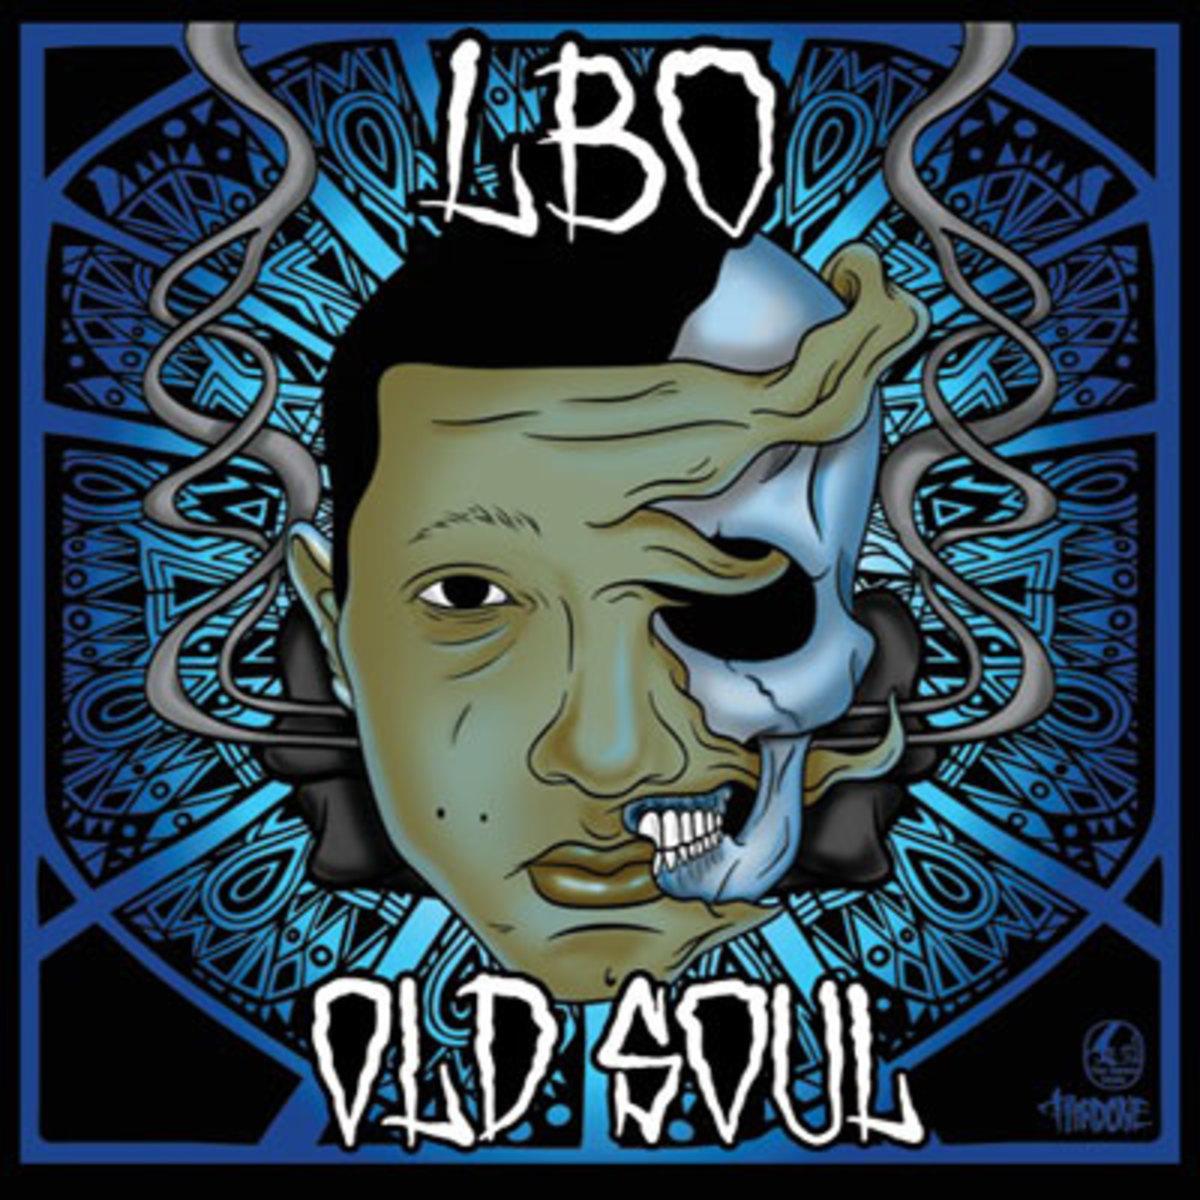 lbo-oldsoul.jpg